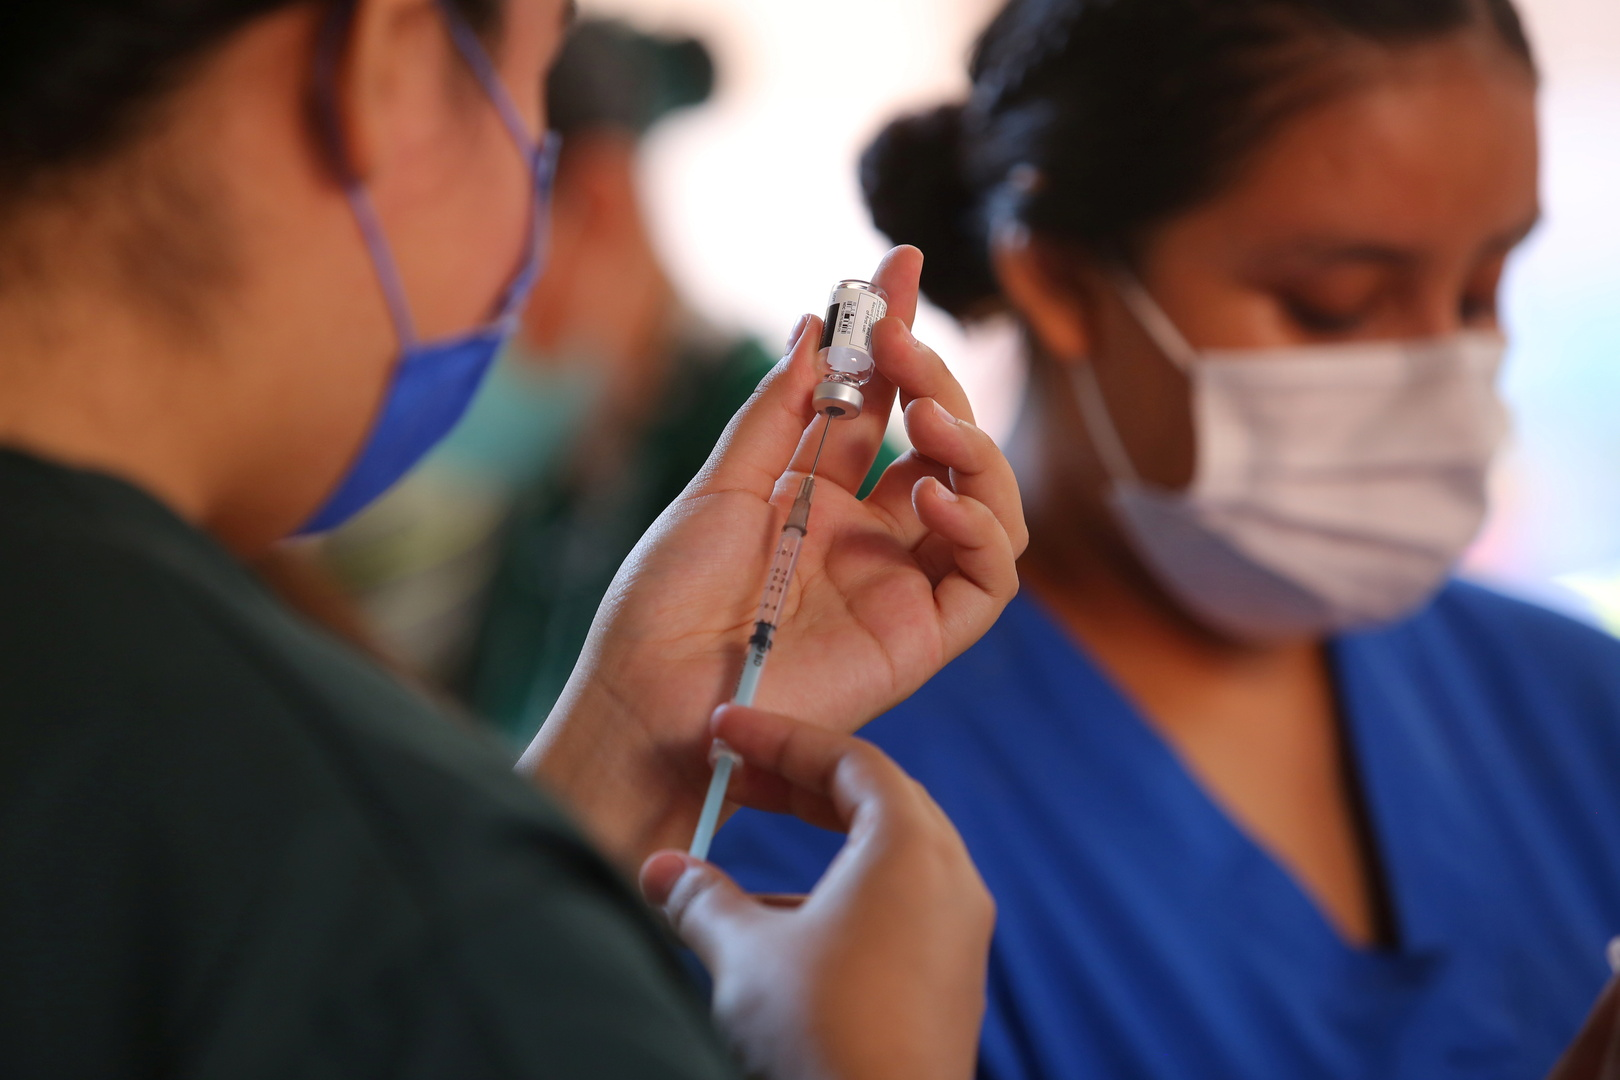 المكسيك.. 67 وفاة و1805 إصابات جديدة بفيروس كورونا